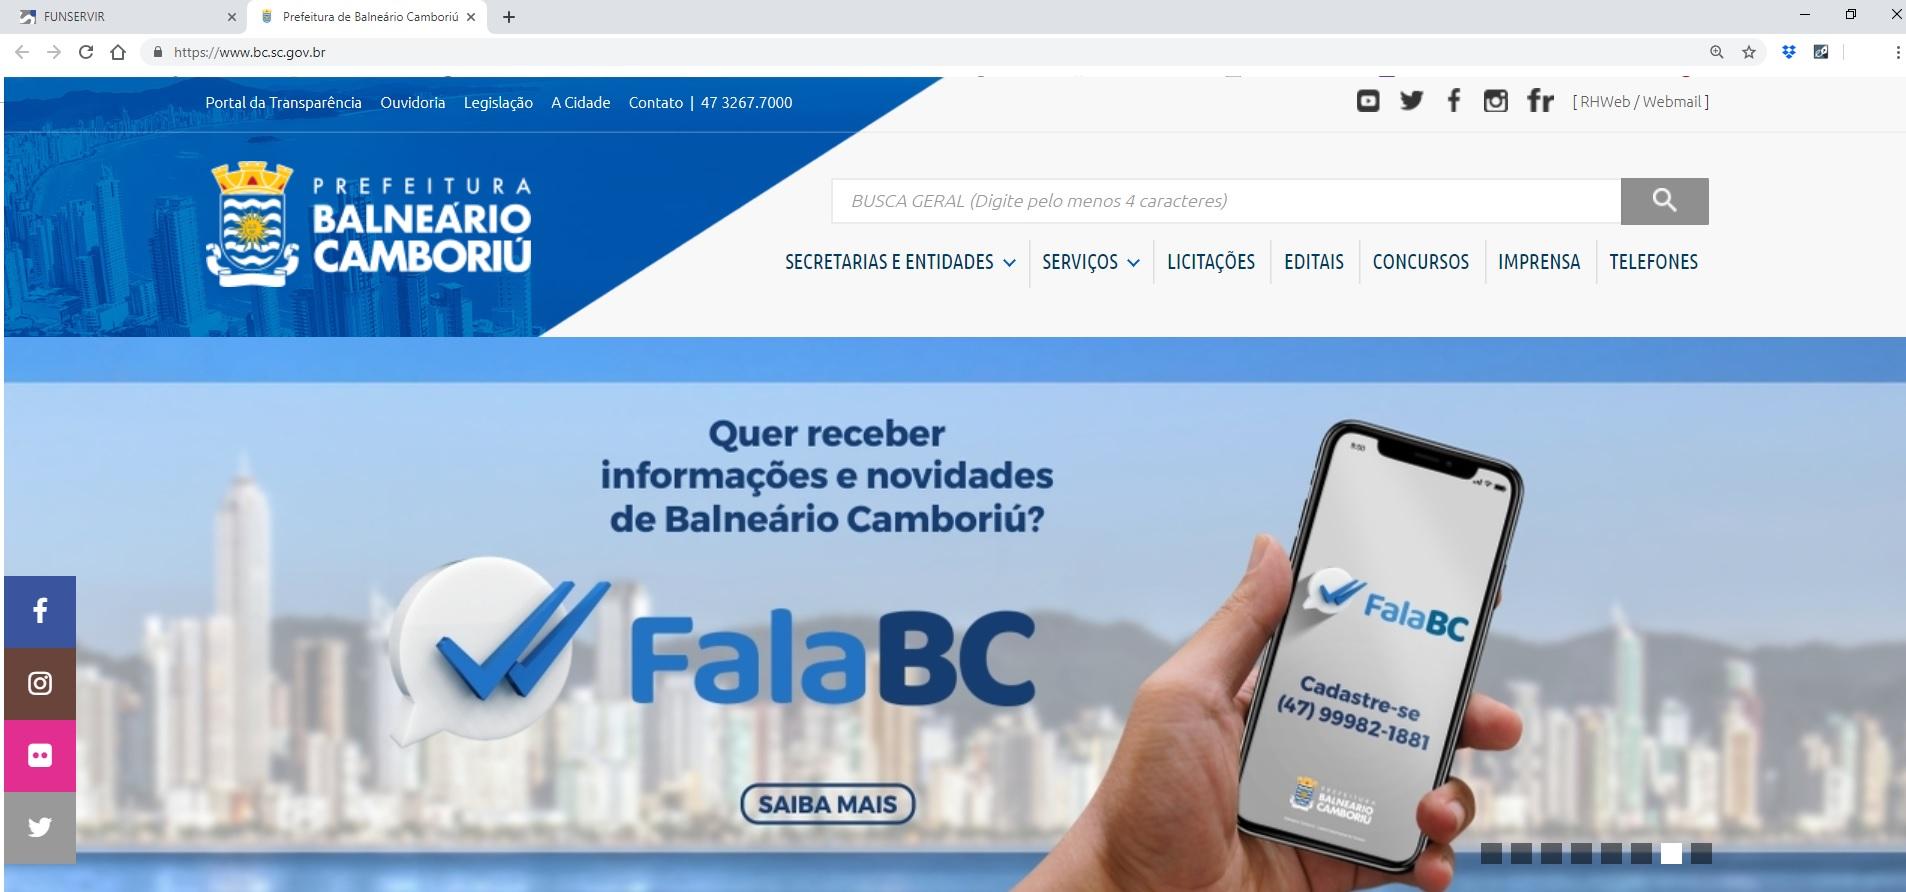 Site Prefeitura Balneário Camboriú